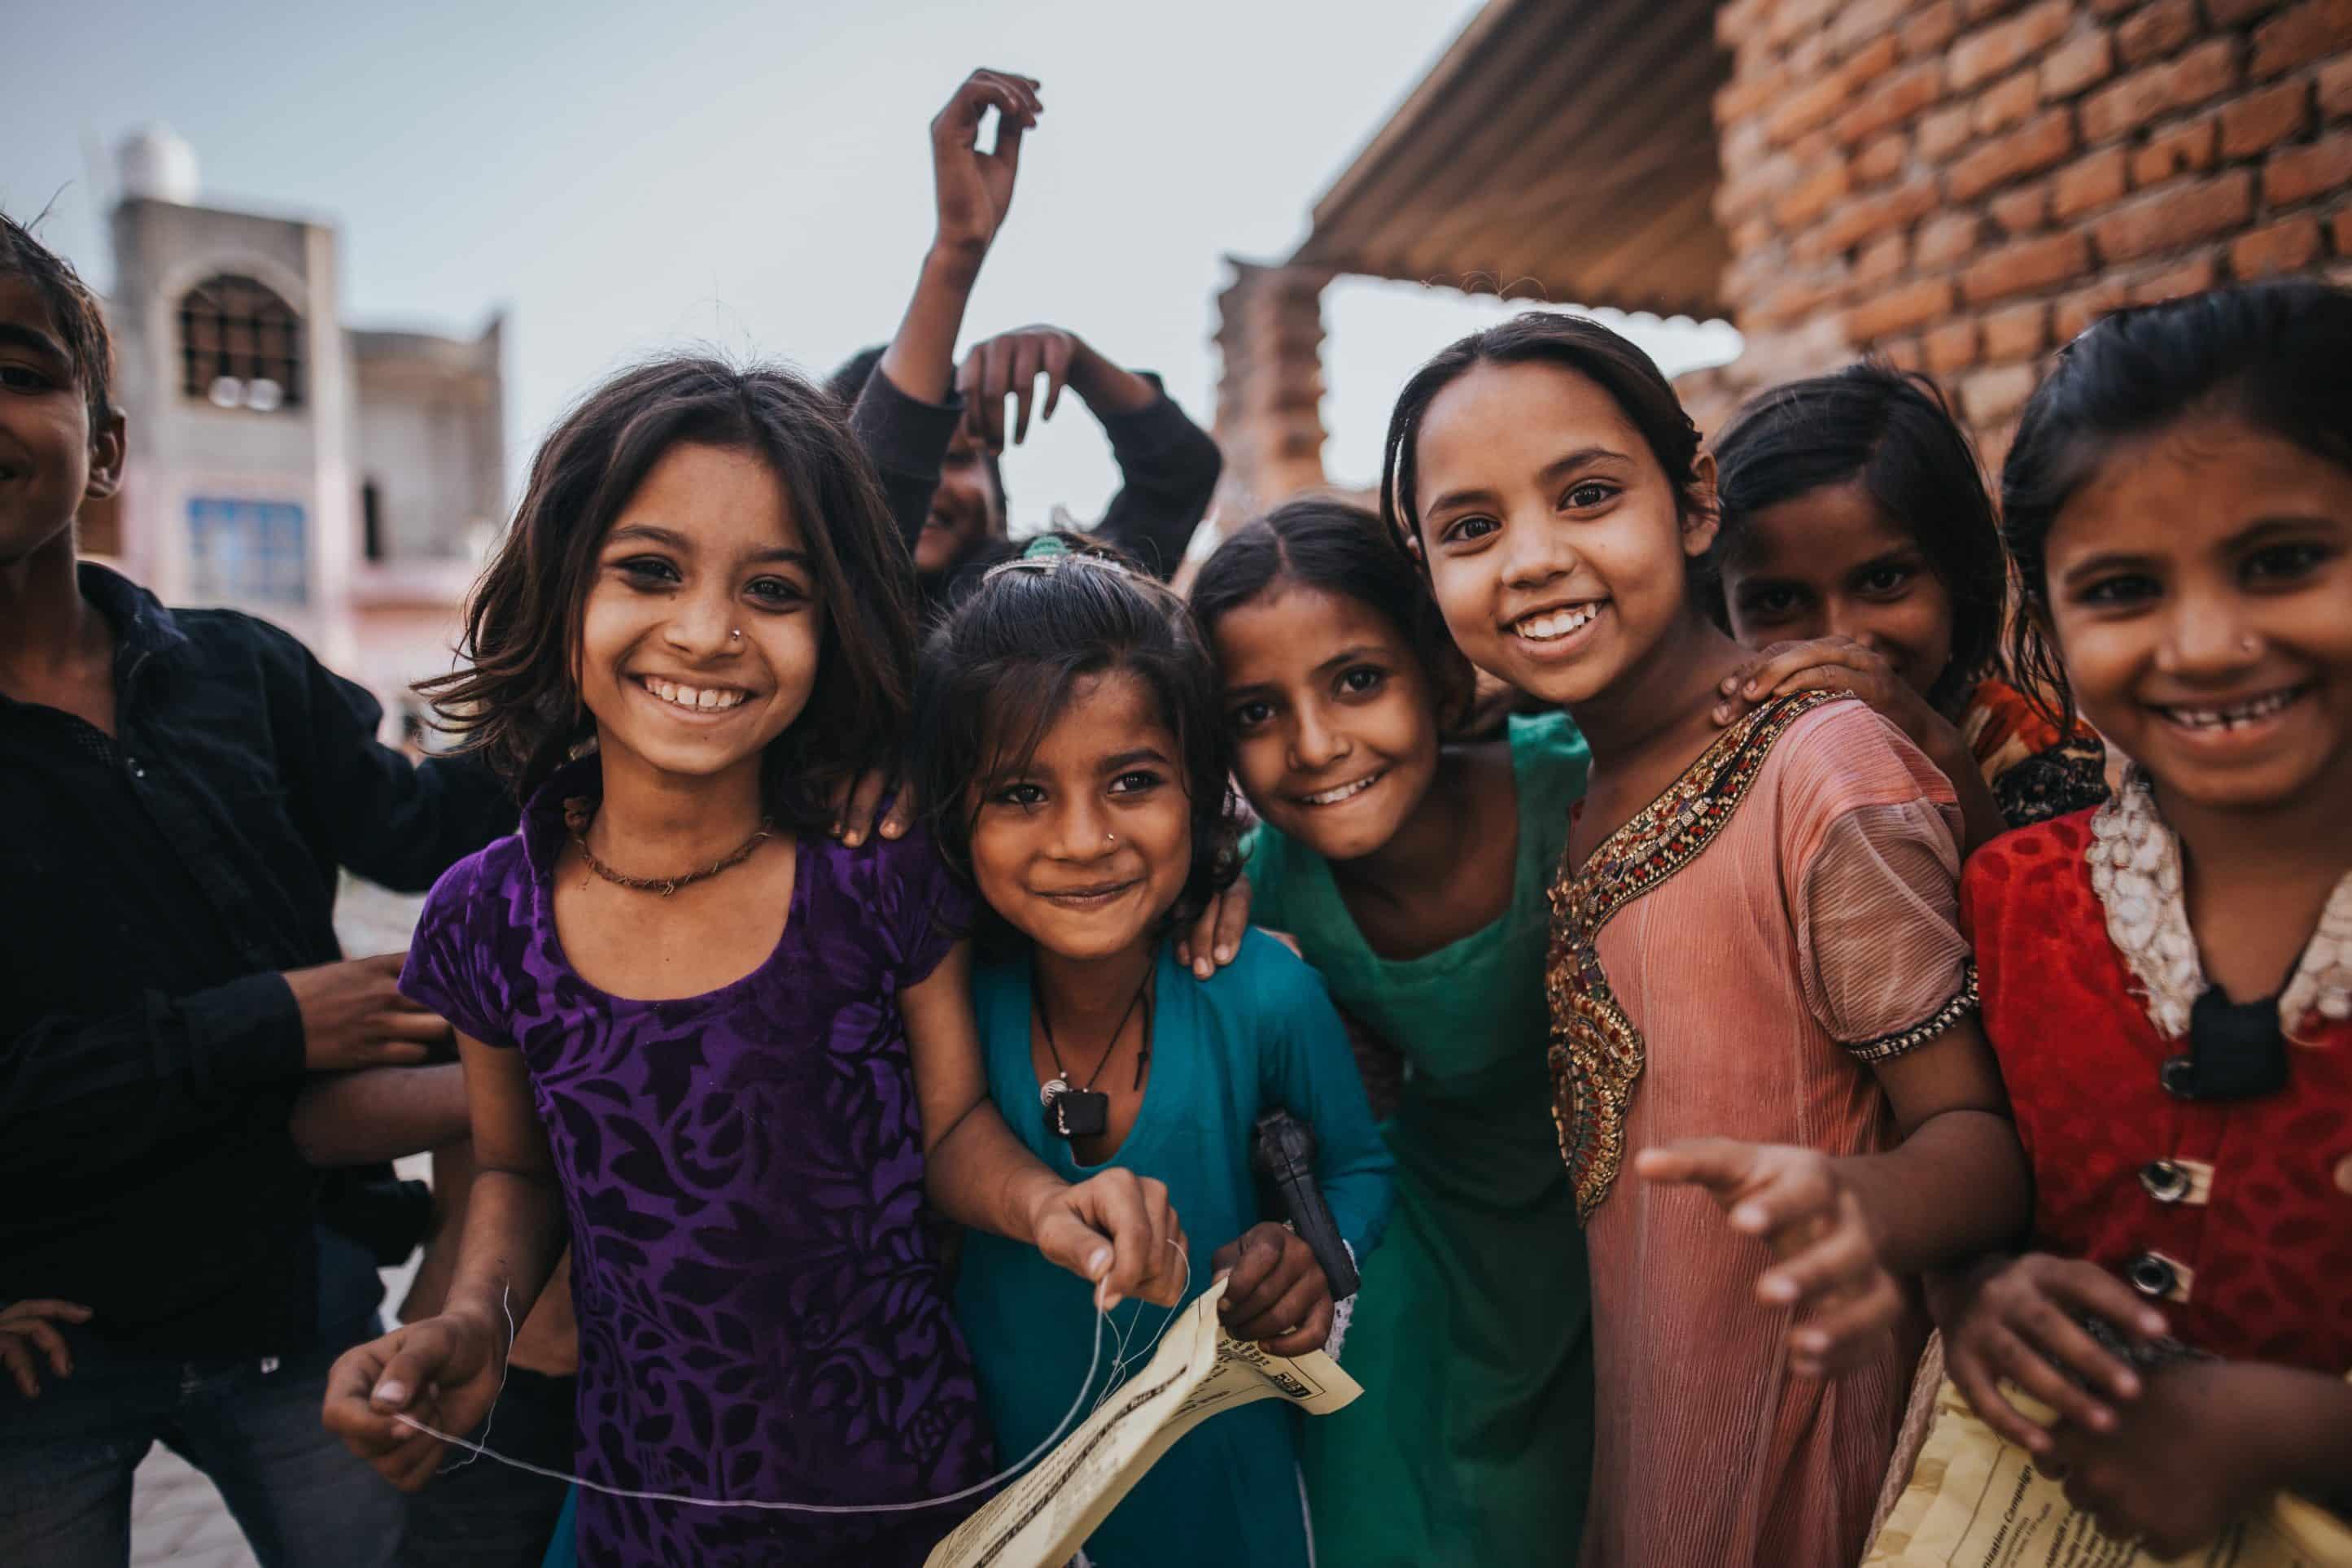 Aprobación del Real Decreto que desarrolla la Ley 26/2015 de modificación del sistema de protección a la infancia y a la adolescencia, que a su vez cambia la Ley 54/2007 de Adopción Internacional